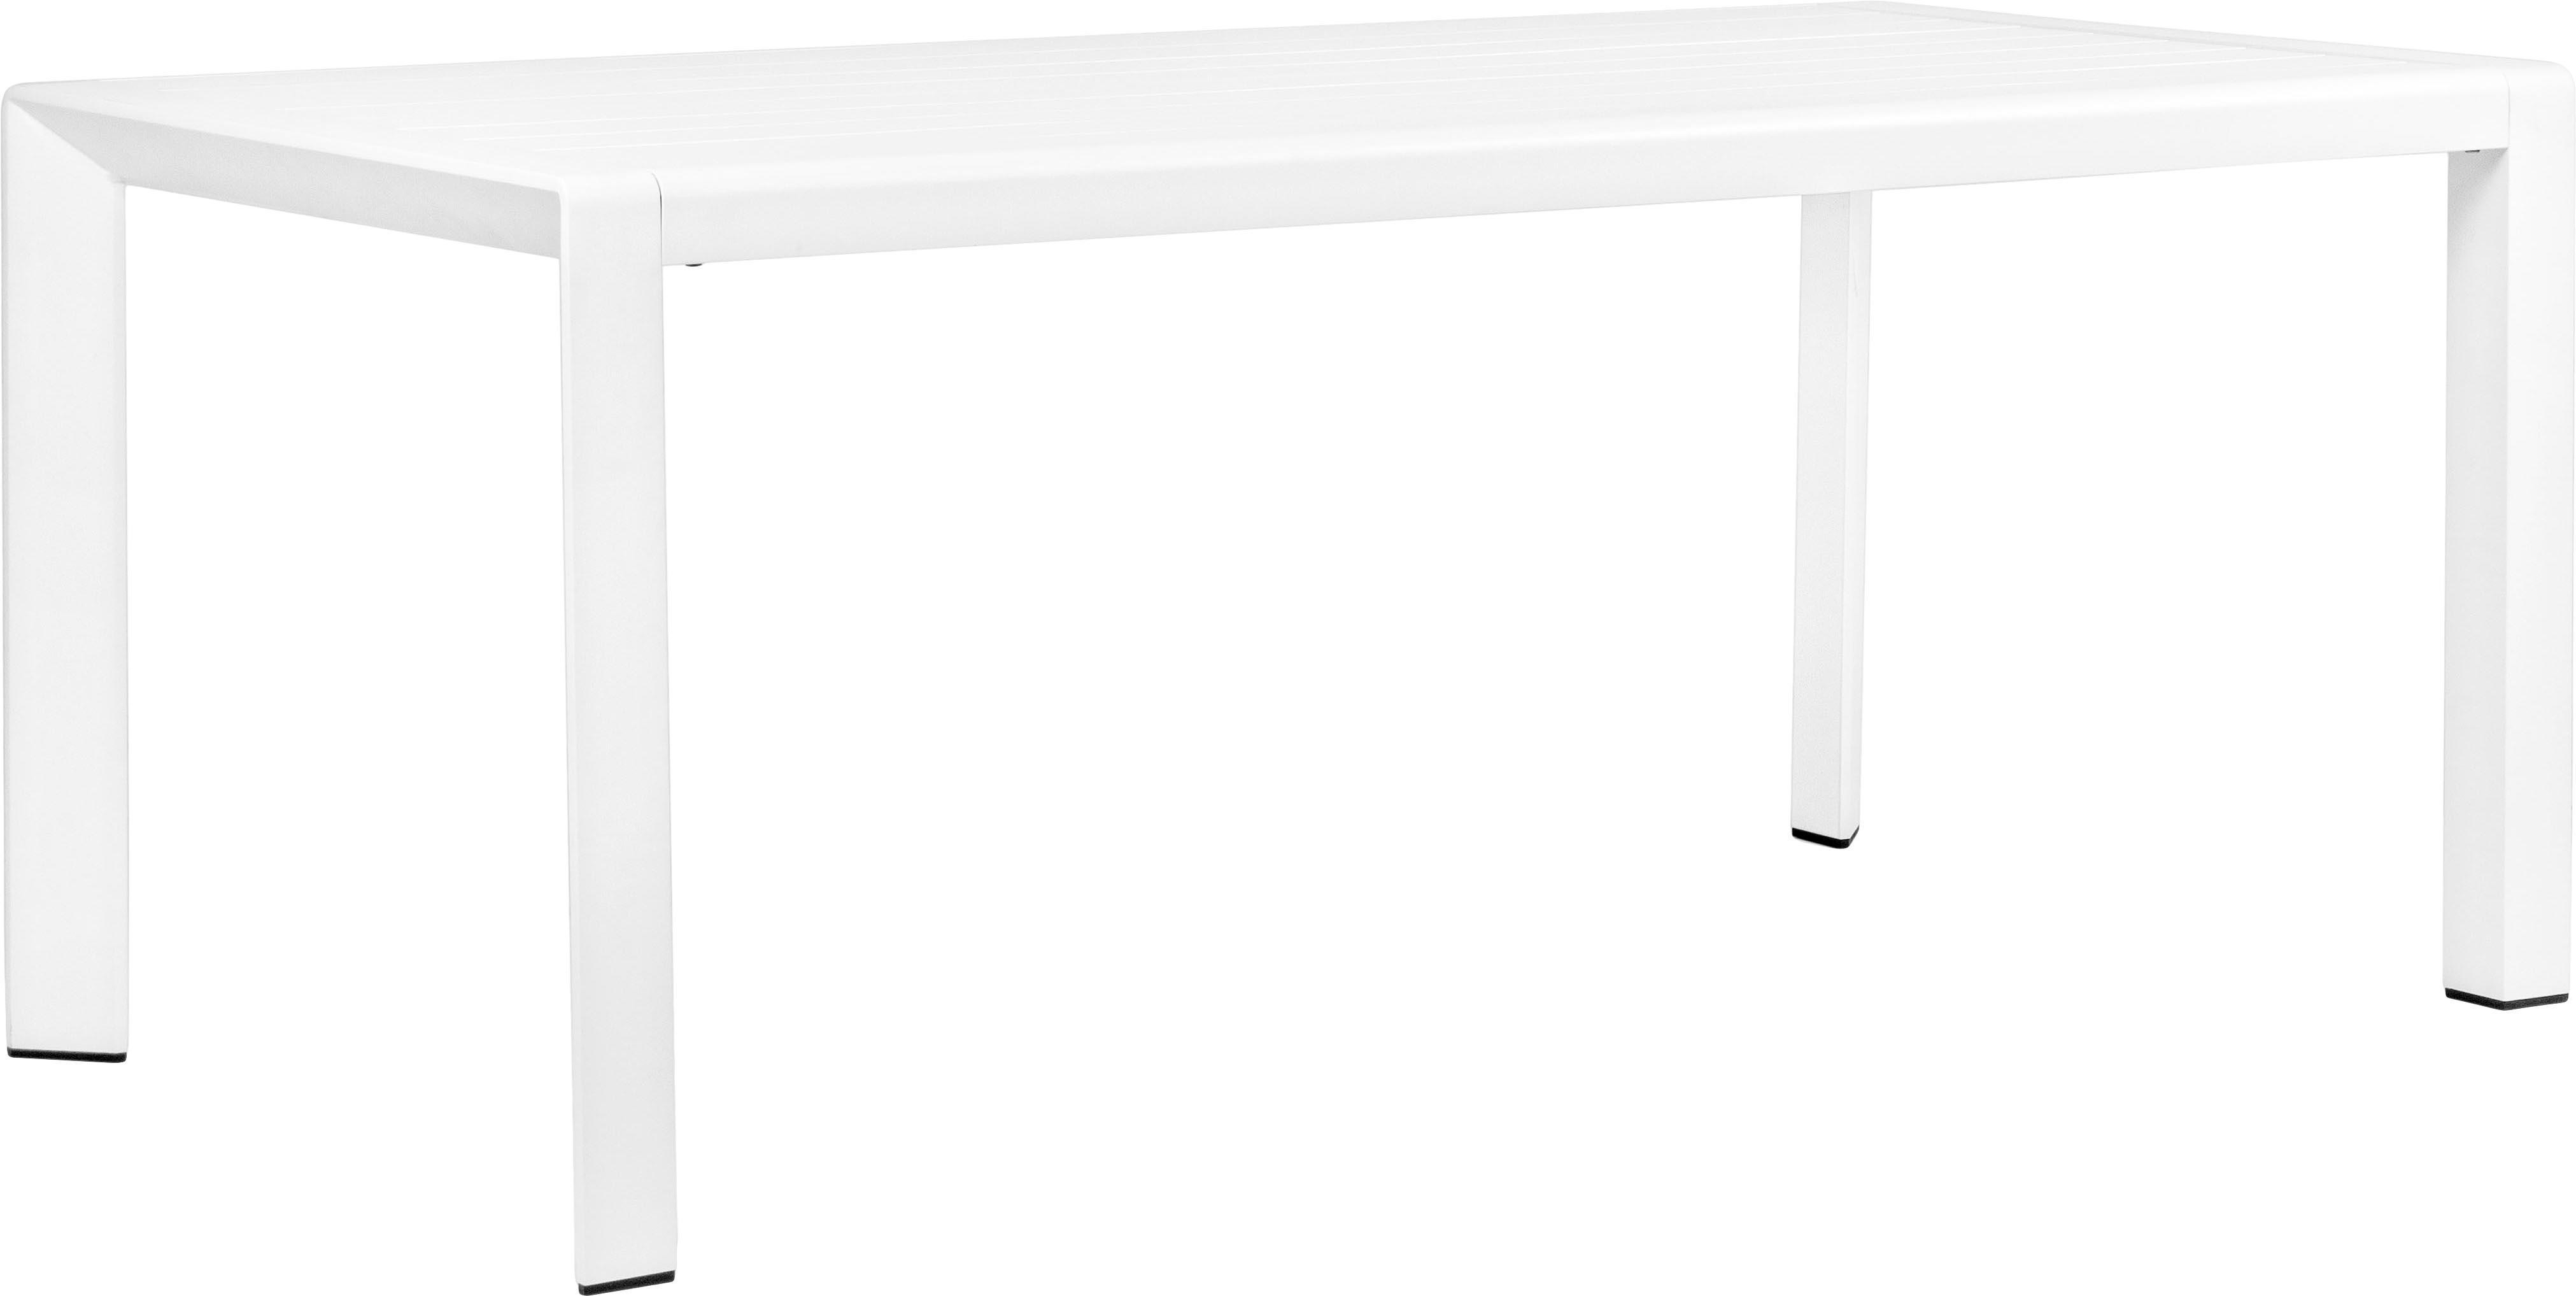 Stół ogrodowy Kirby, Aluminium malowane proszkowo, Biały, S 180 x G 90 cm